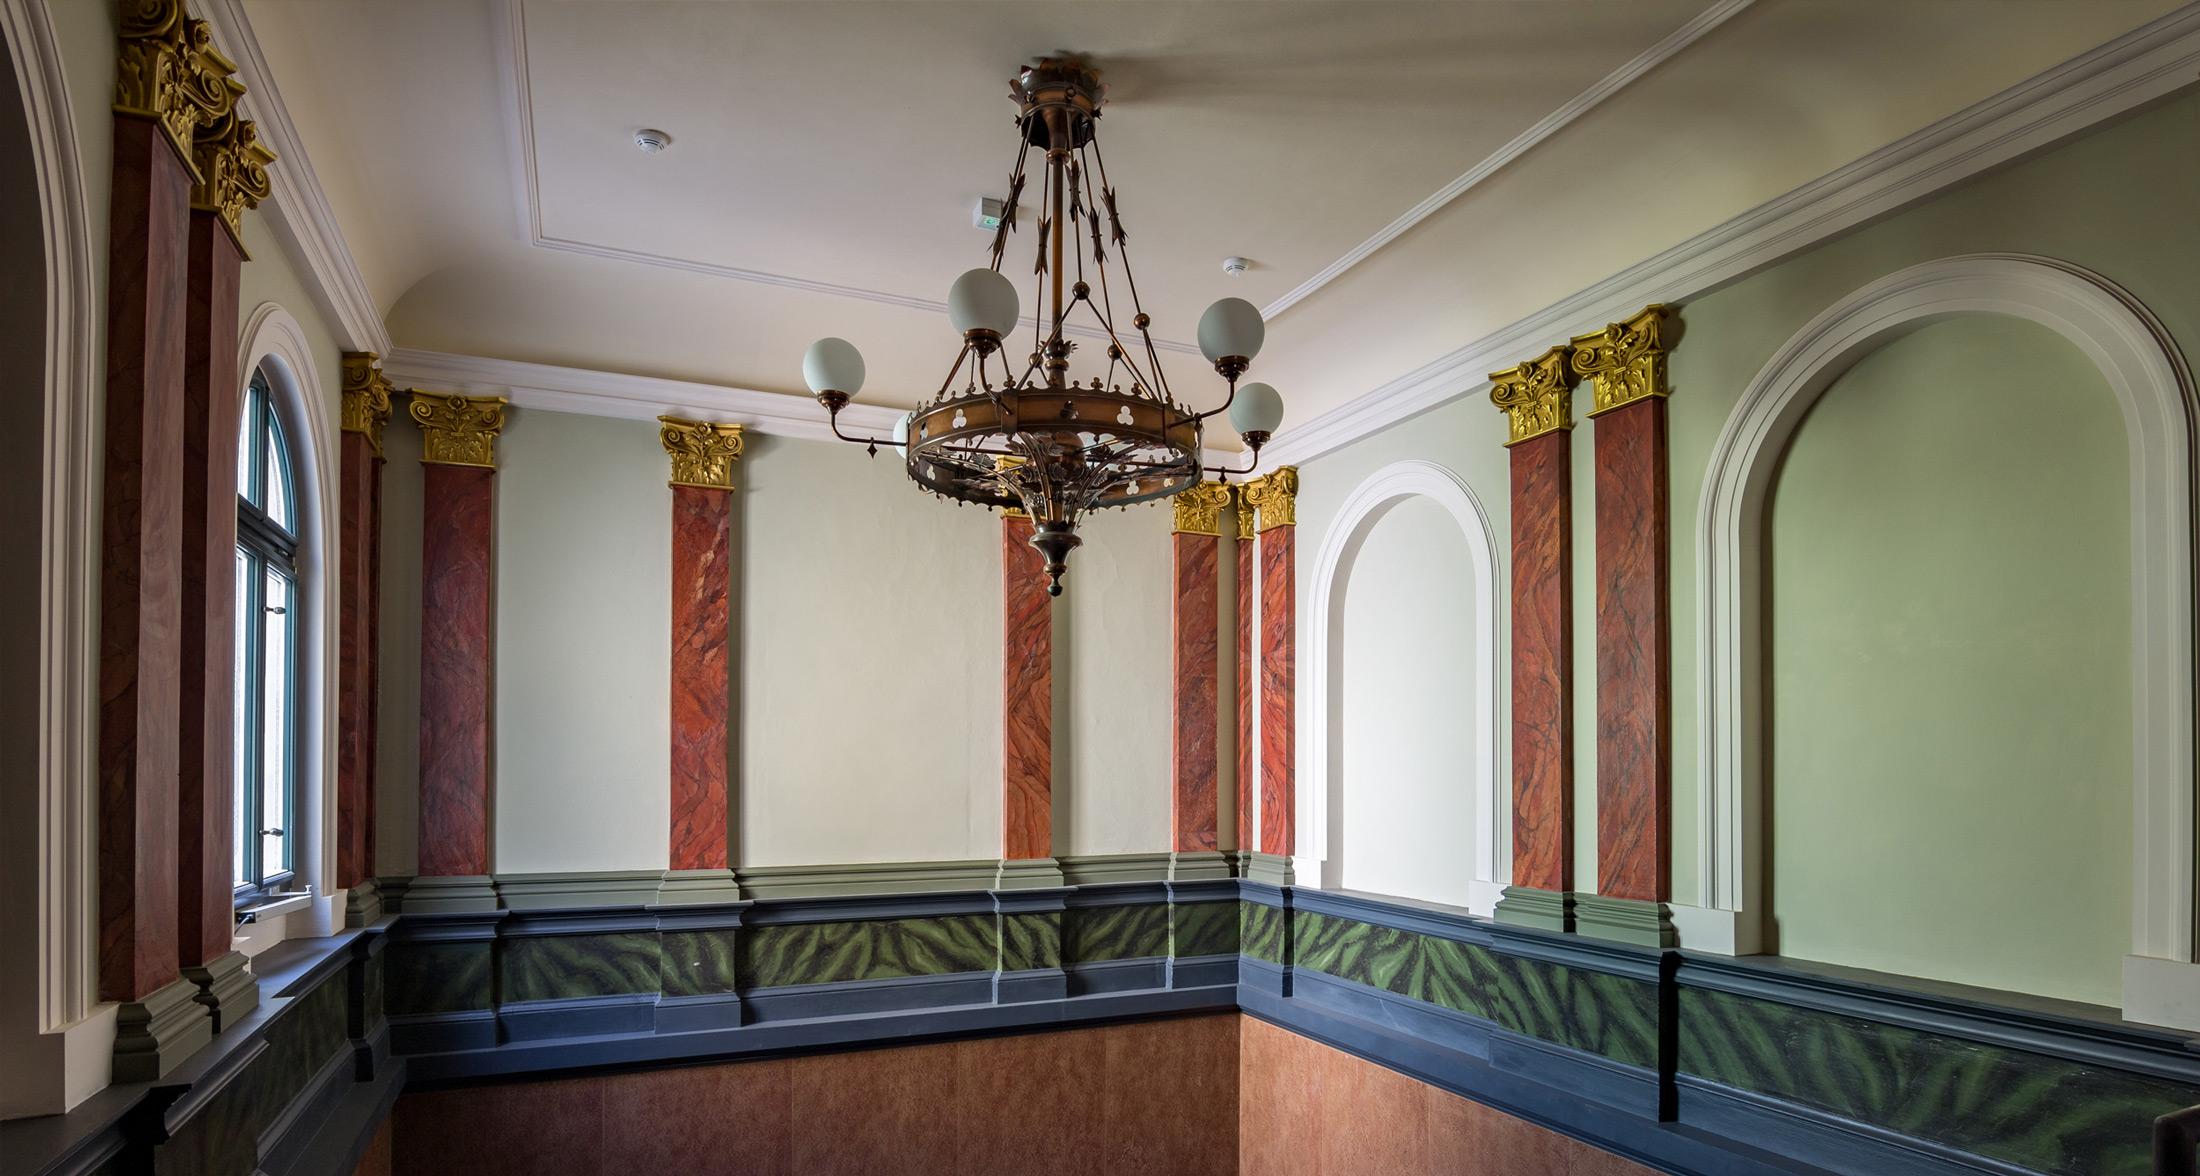 Treppenhaus im Schlusszustand - Galerie am Domhof Zwickau